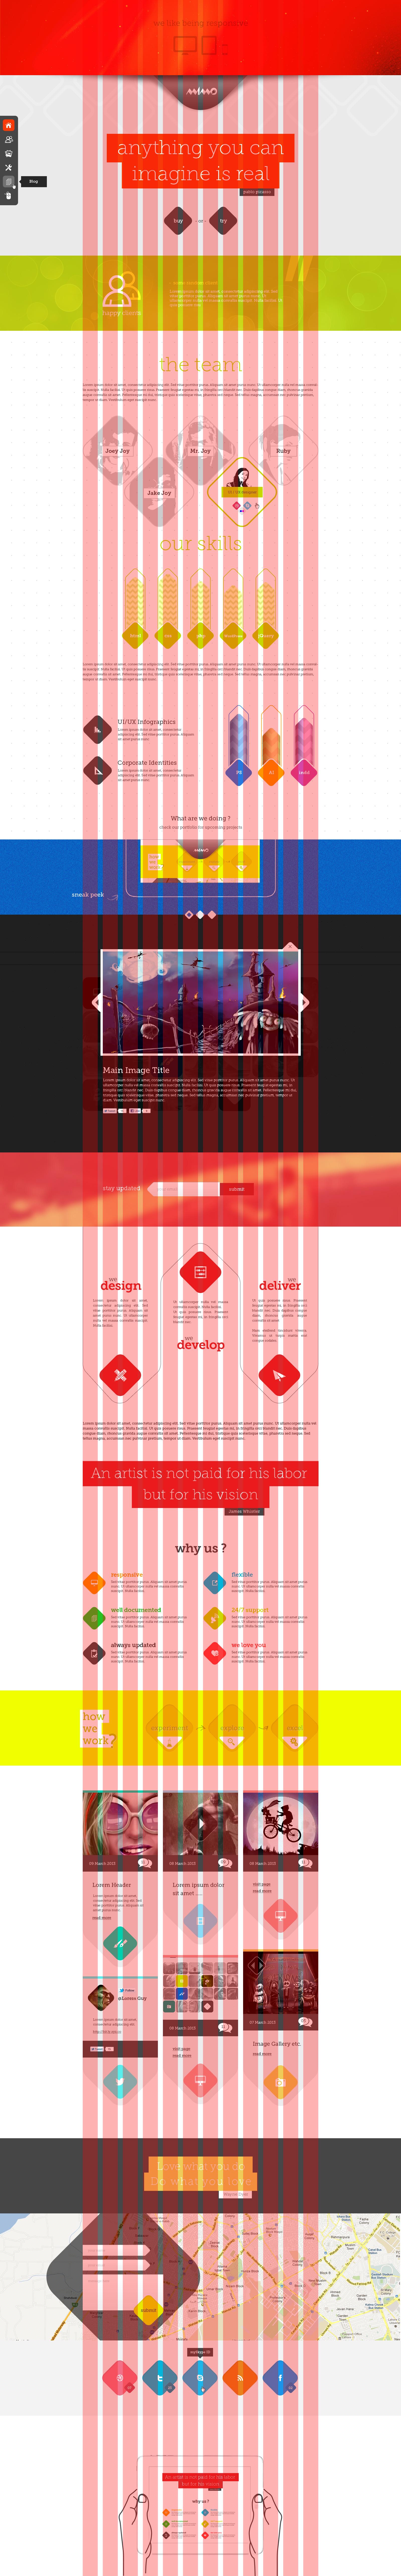 Mimo Single Page Portfolio